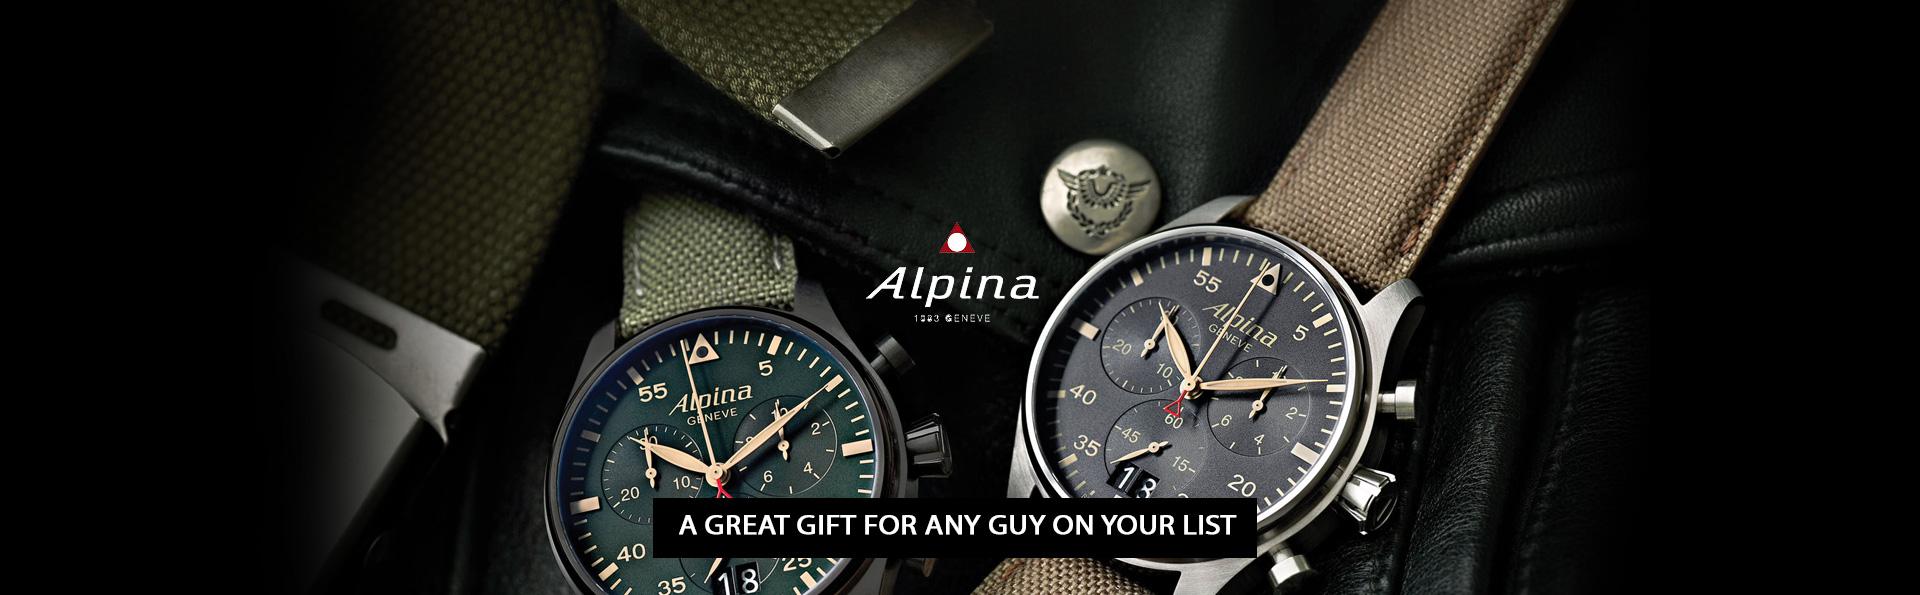 alpina_Header_1